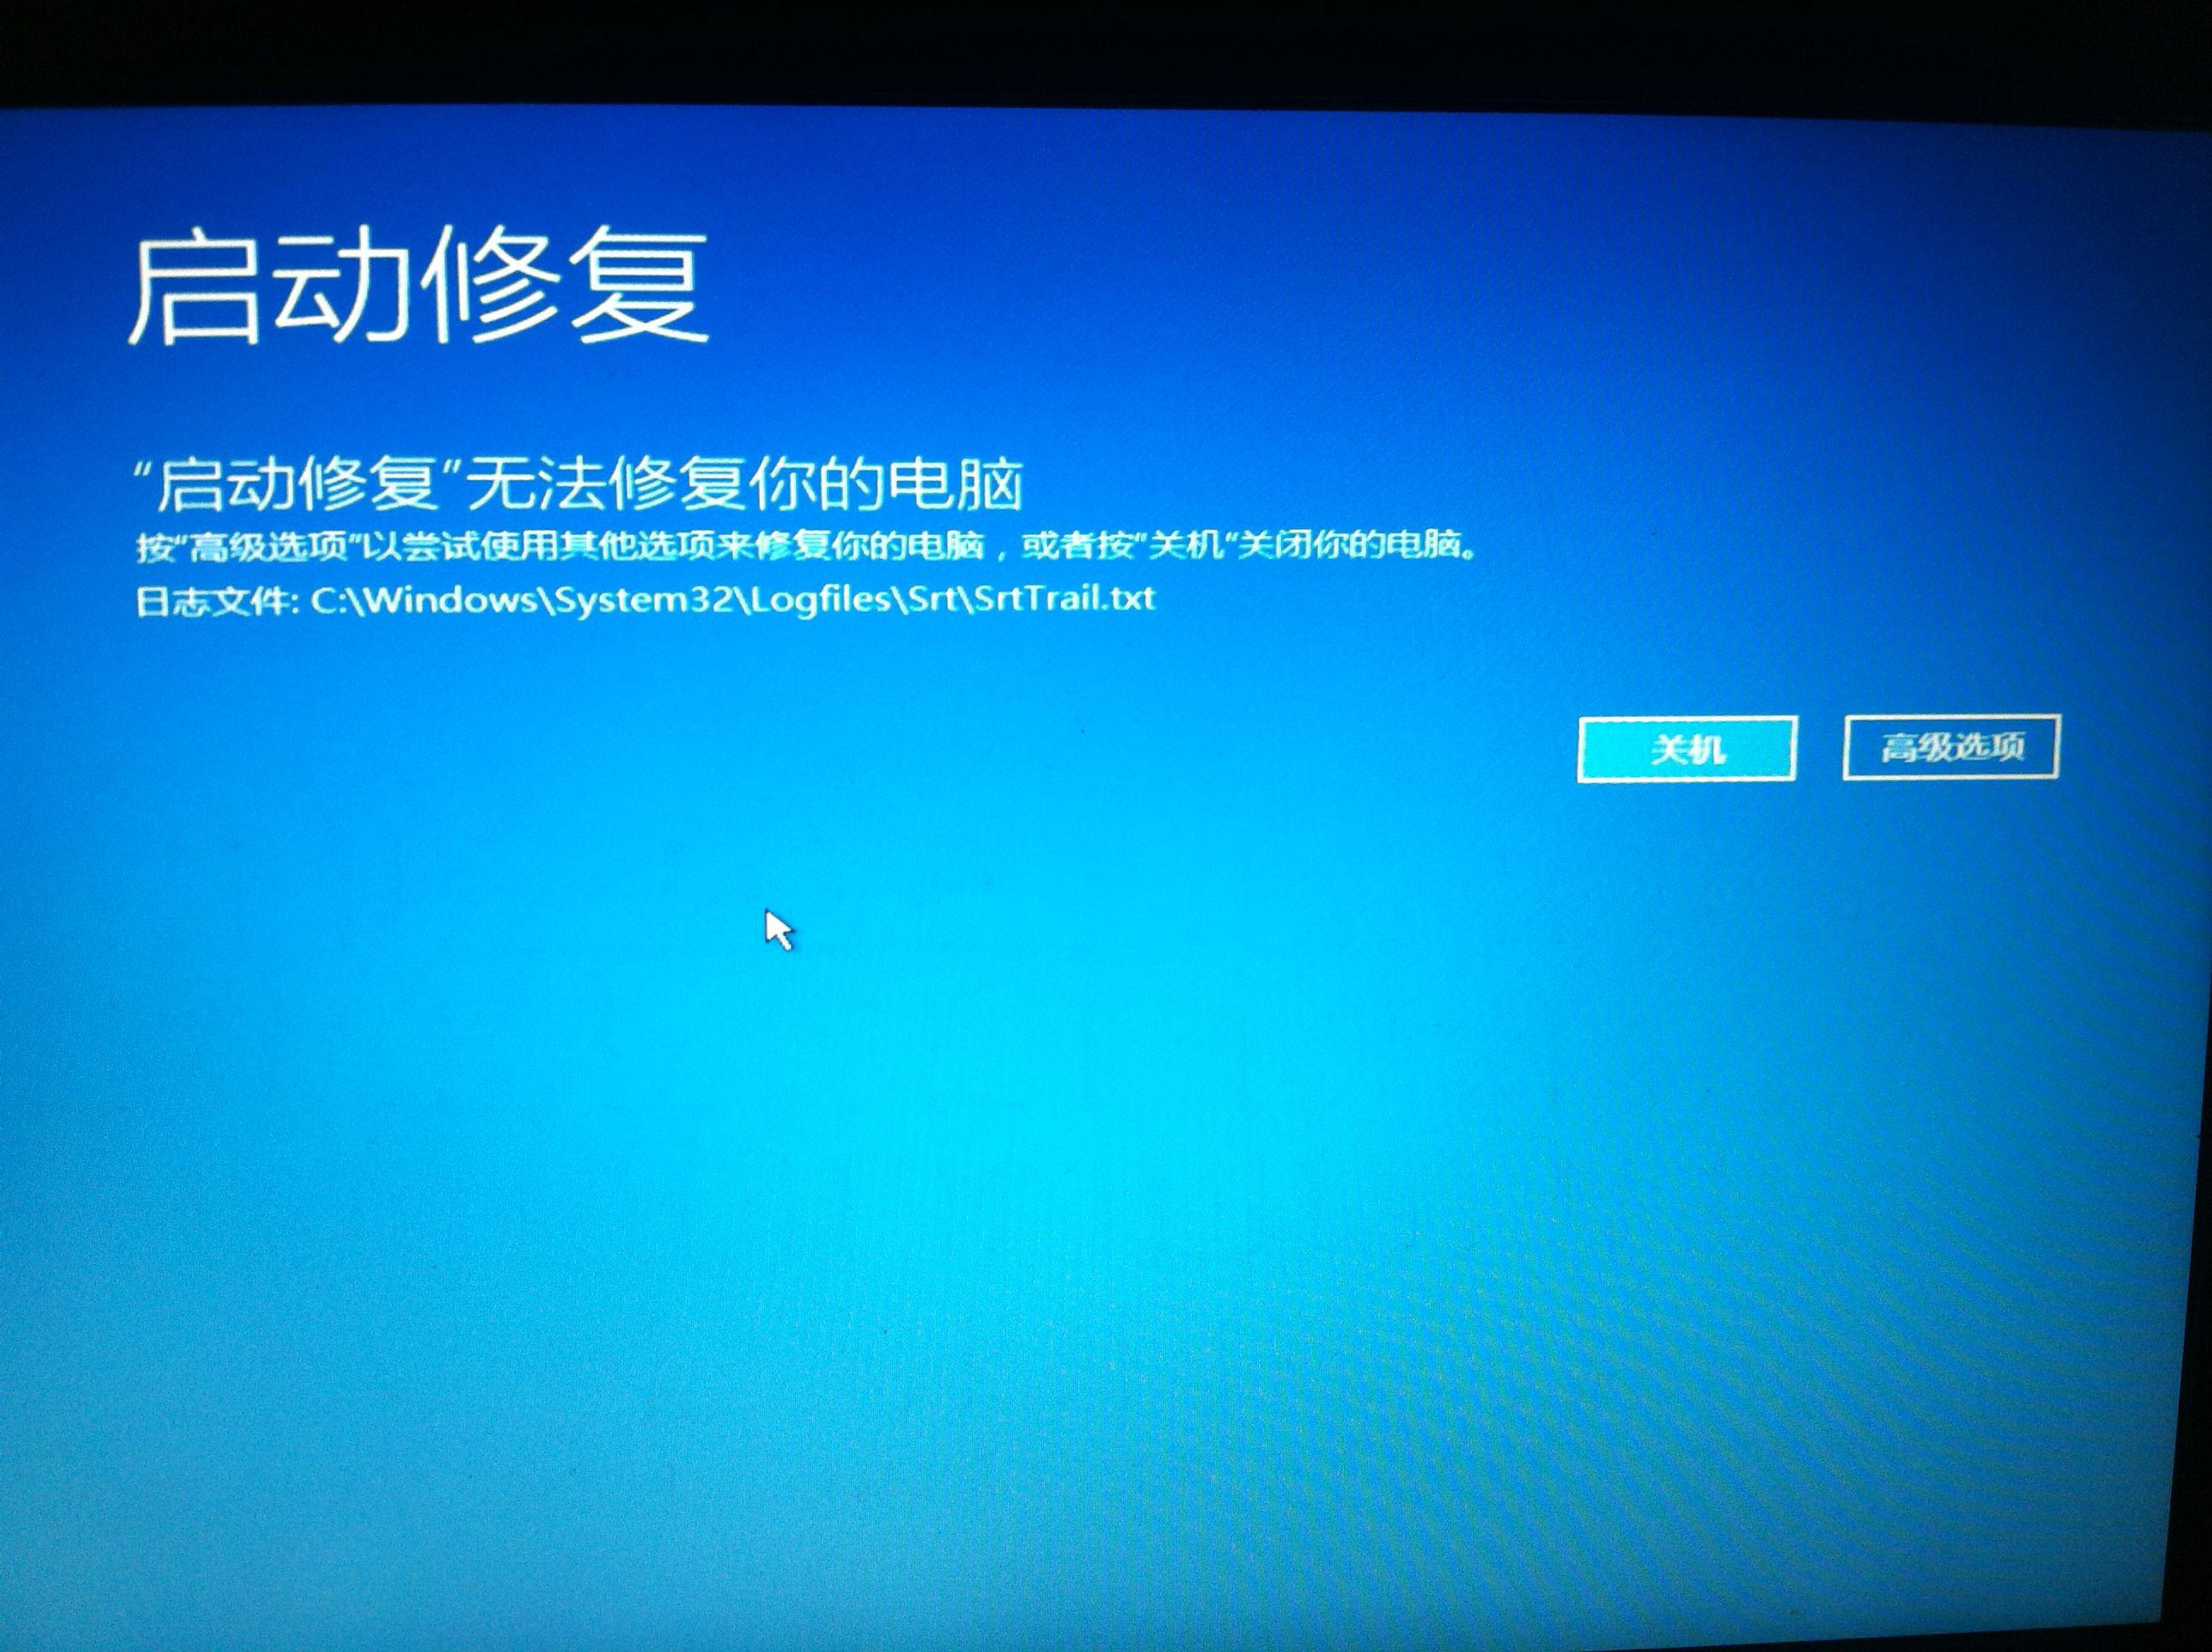 win10升級裝完顯卡驅動之后重啟藍屏圖片